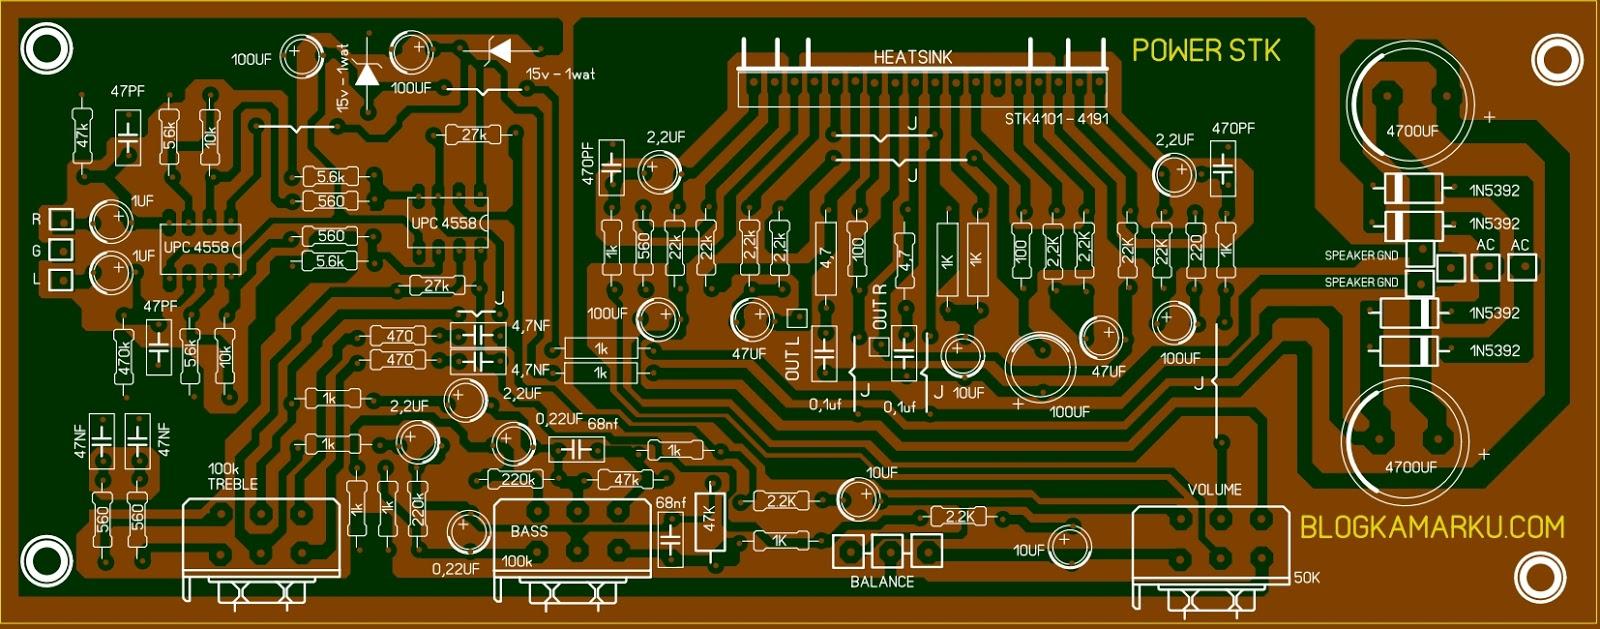 4 Tahap Cara Membuat Jalur Pcb Sendiri Bolong Power Stk Ic 4101 4191